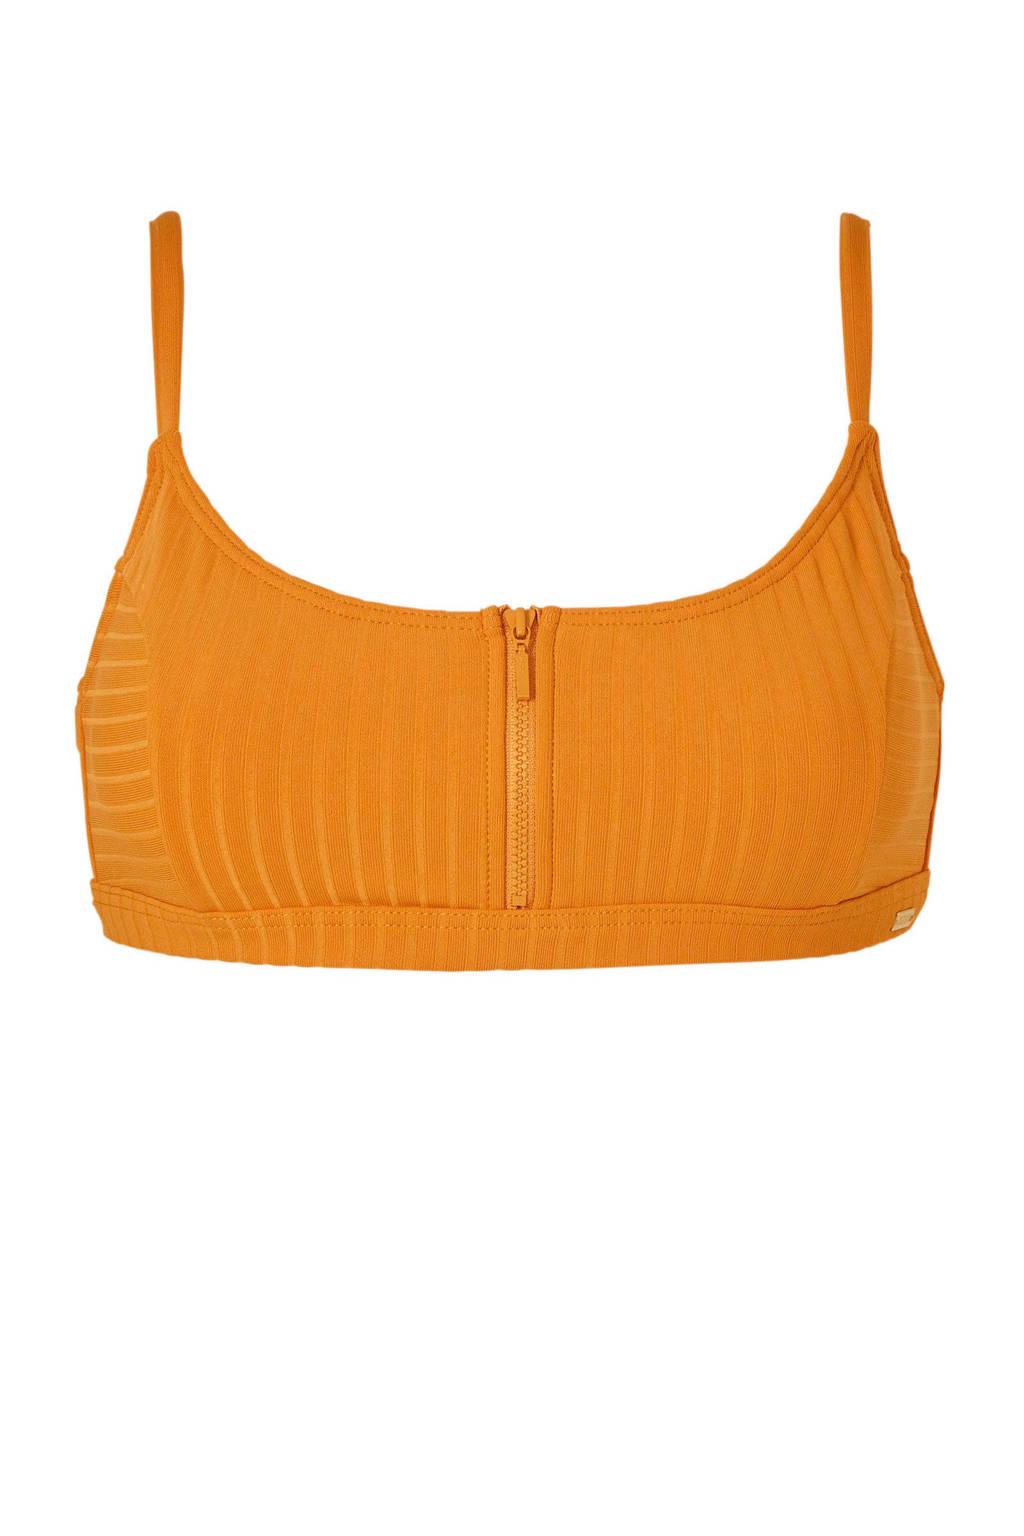 Roxy bikinitop met rits okergeel, Okergeel